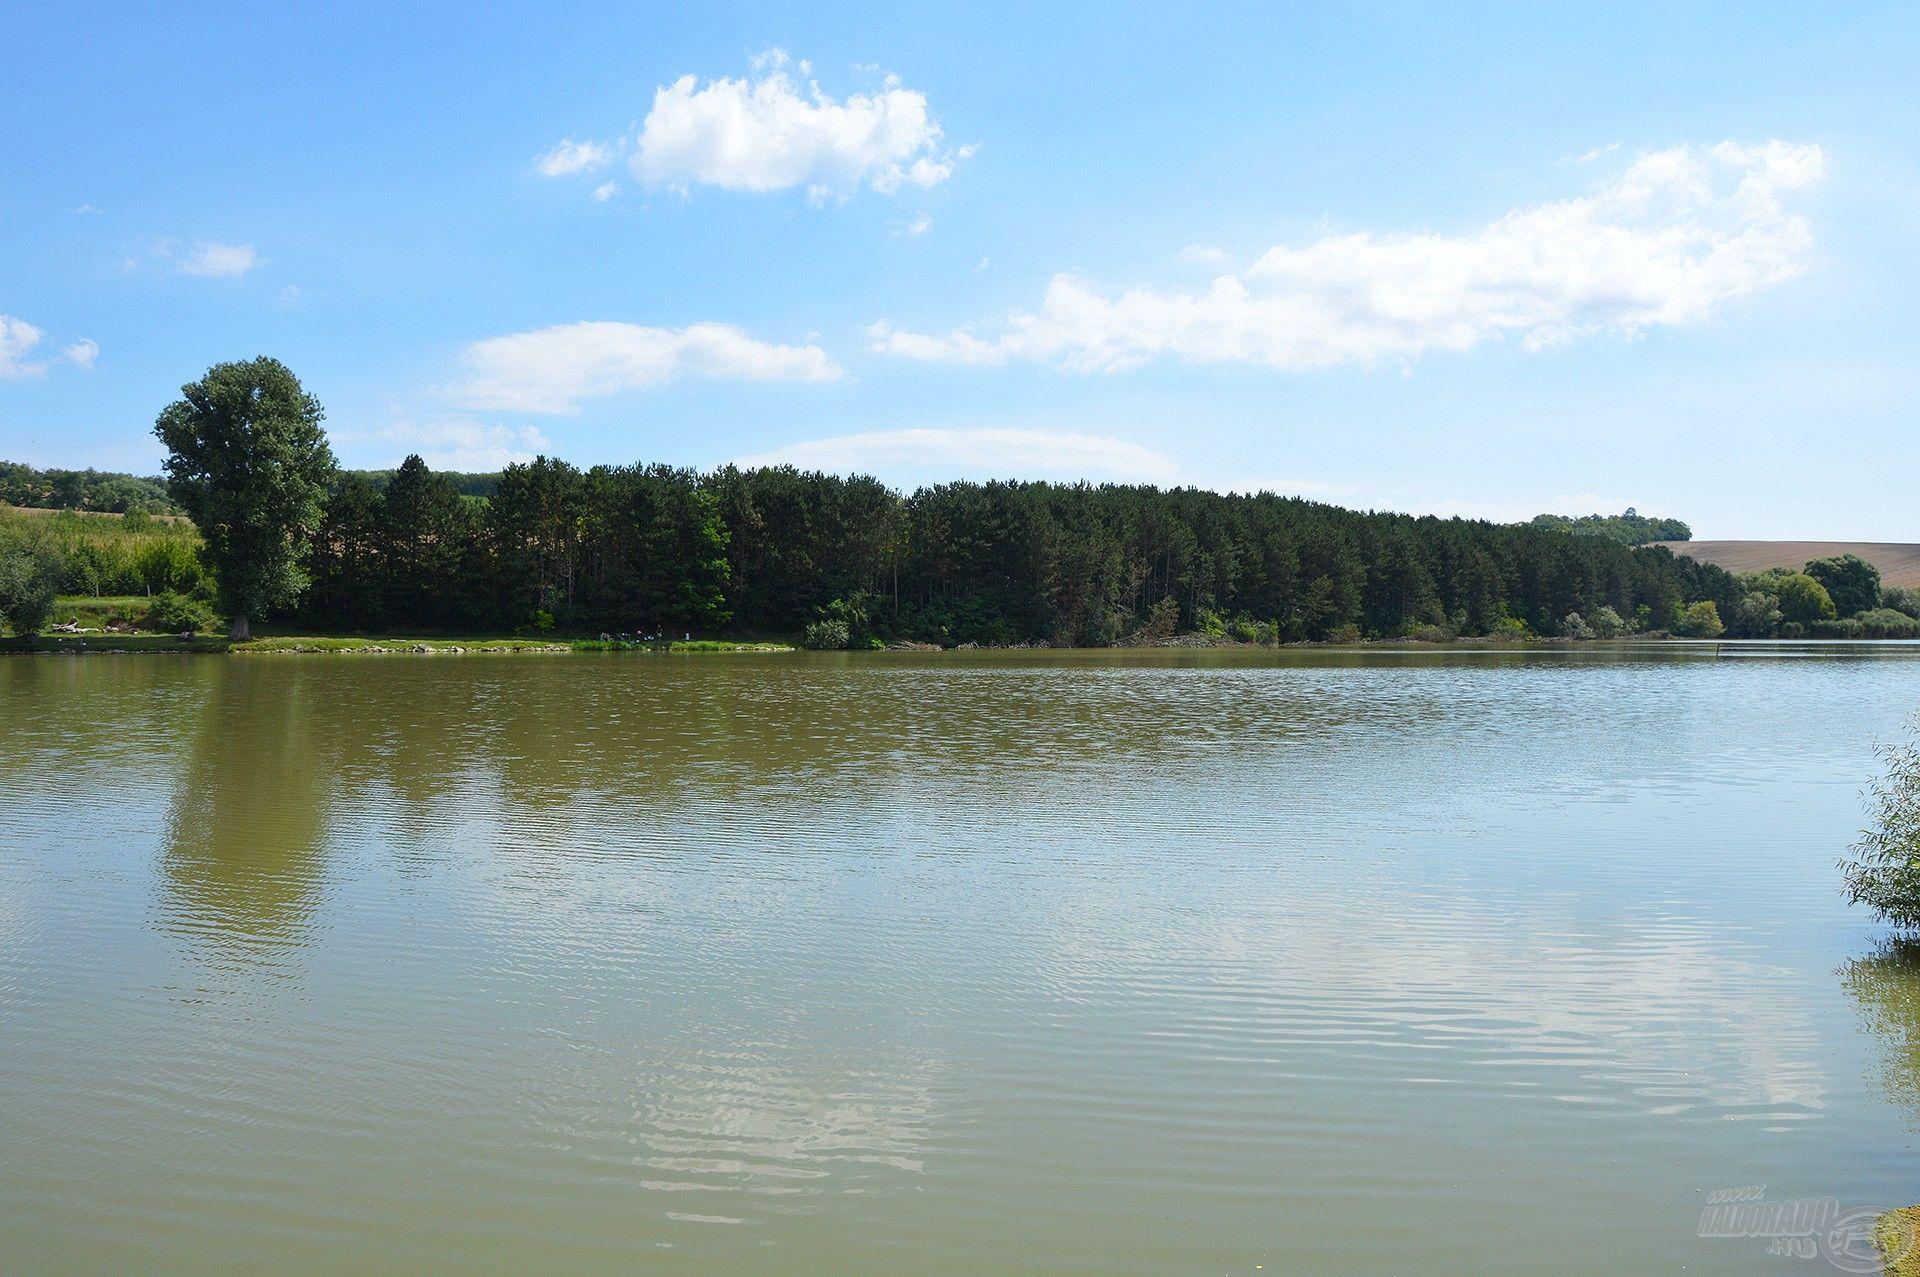 Az egyik kedvenc vizem a Gyermelyi Horgásztó. Ide minden évben visszatérek legalább egyszer!